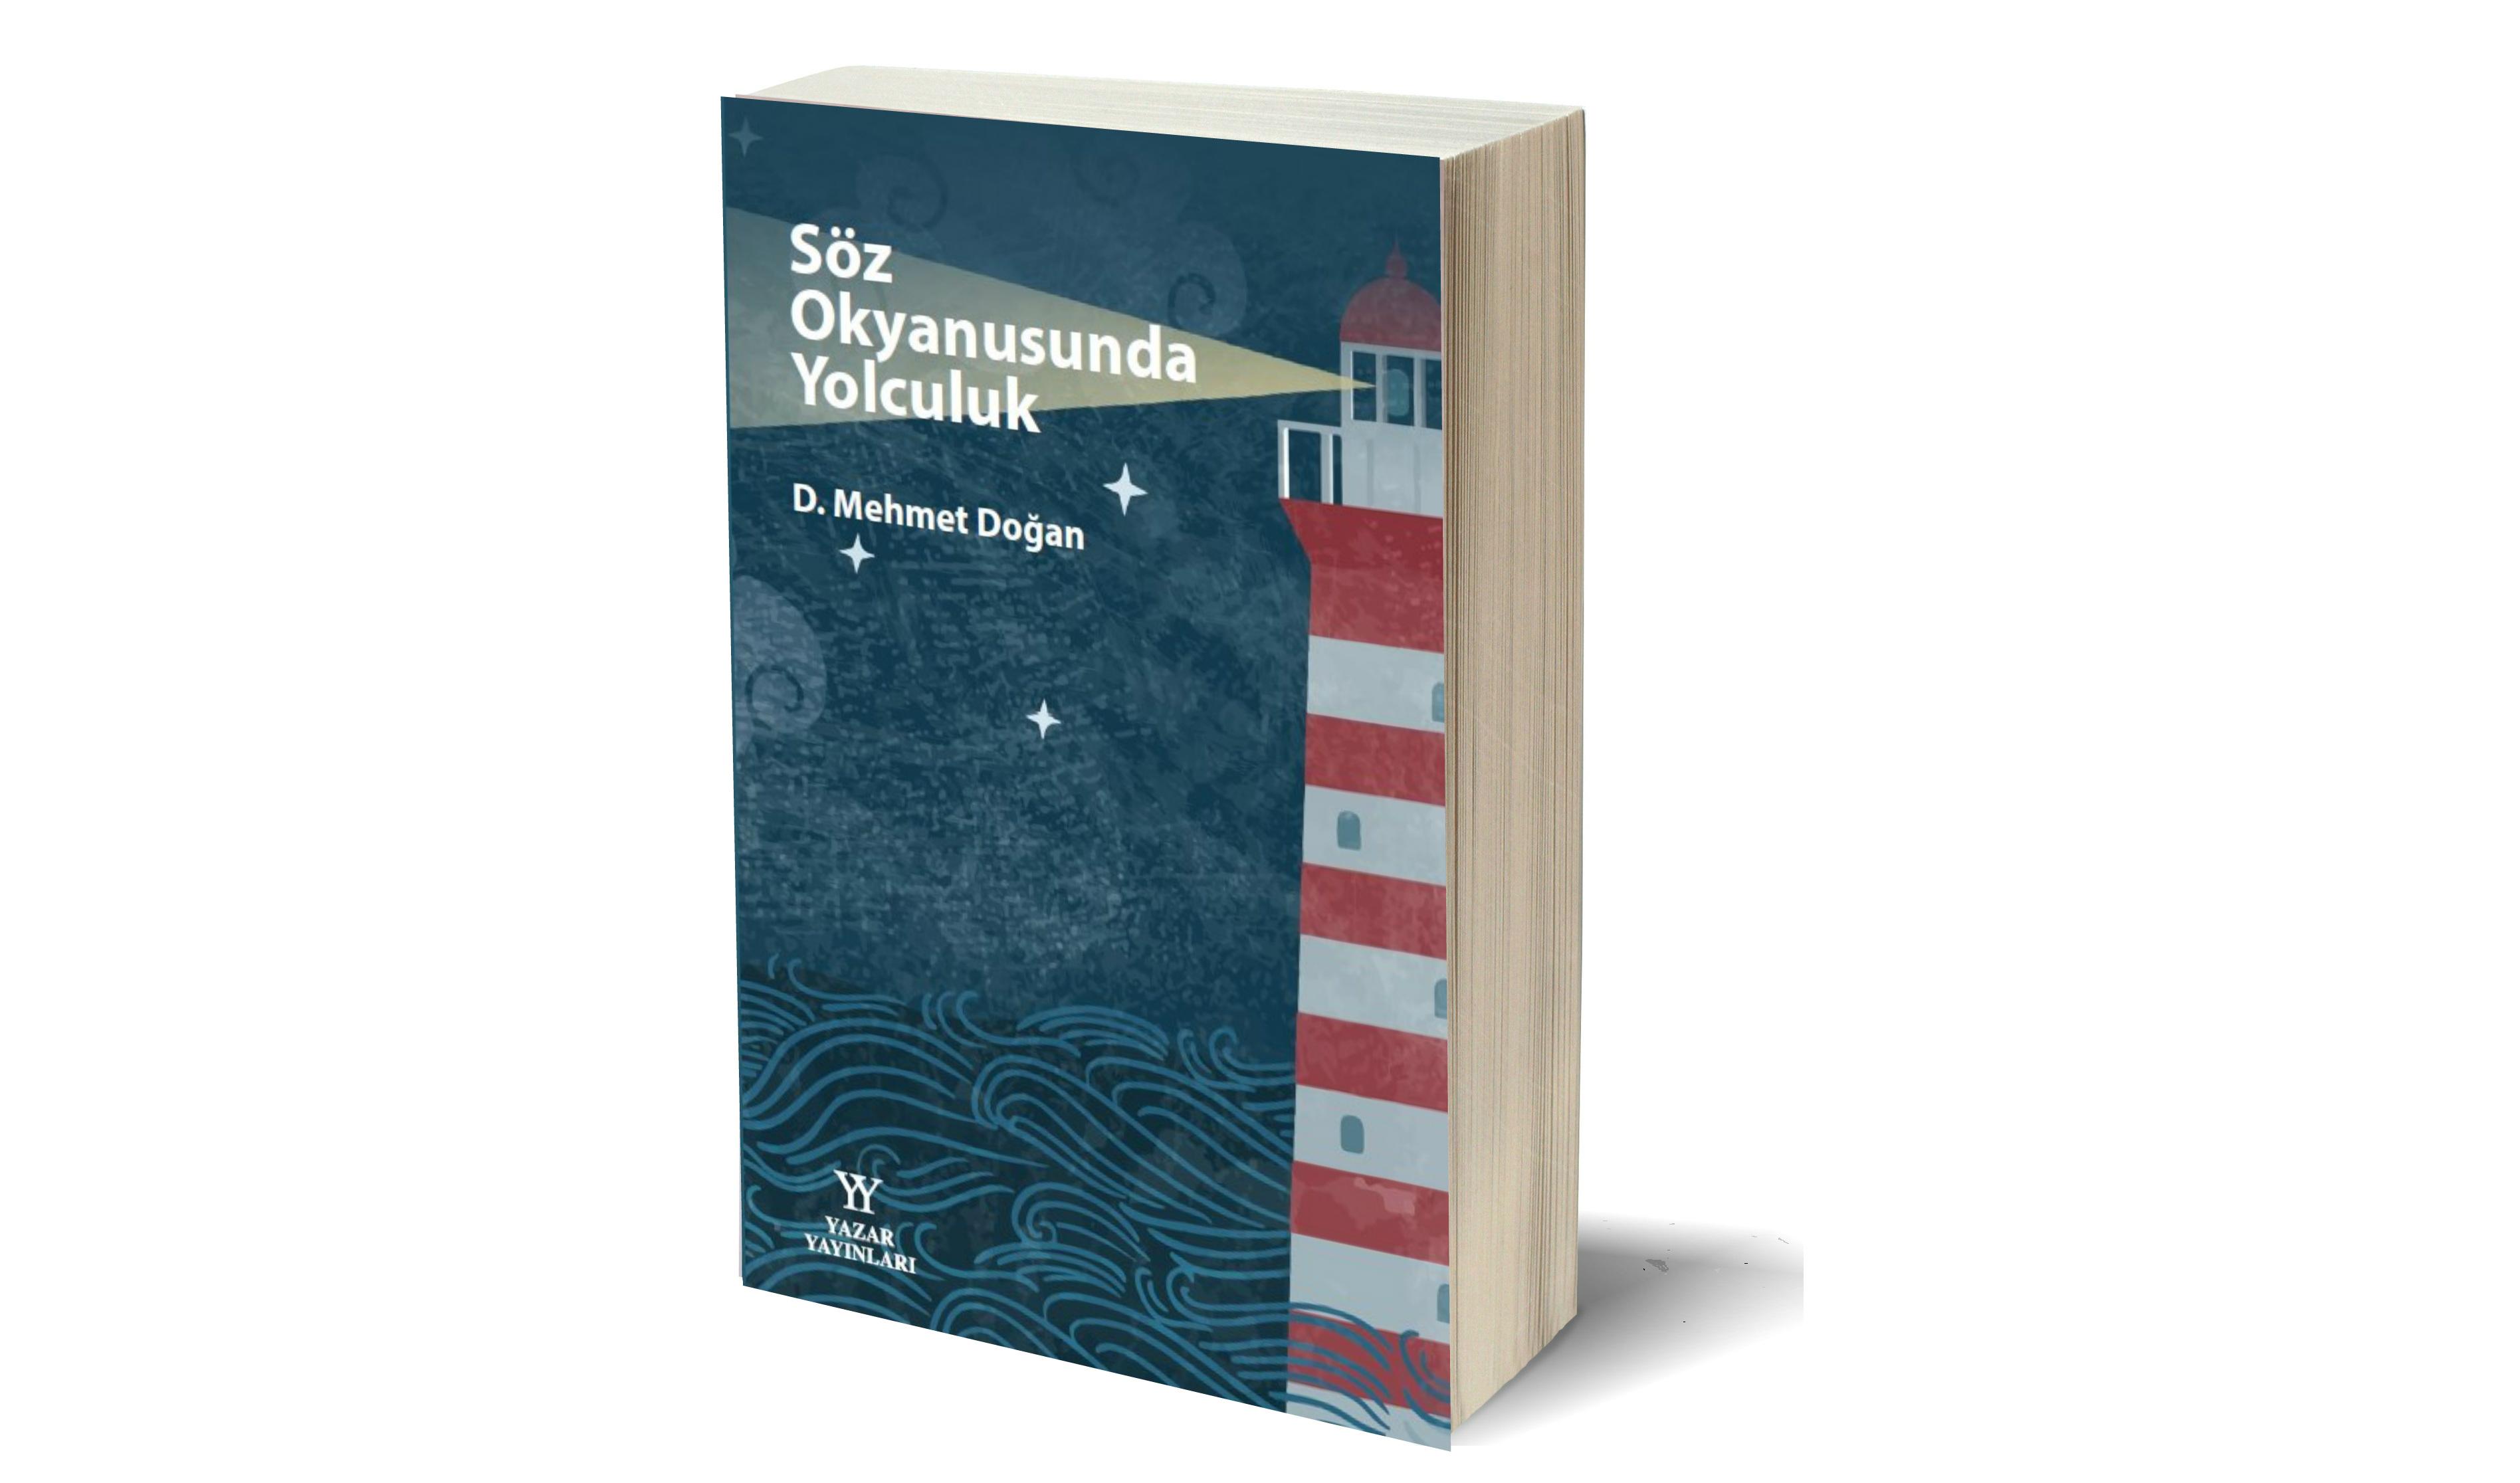 """D. Mehmet Doğan okuyucuyu """"Söz Okyanusunda Yolculuk"""" a çağırıyor!"""